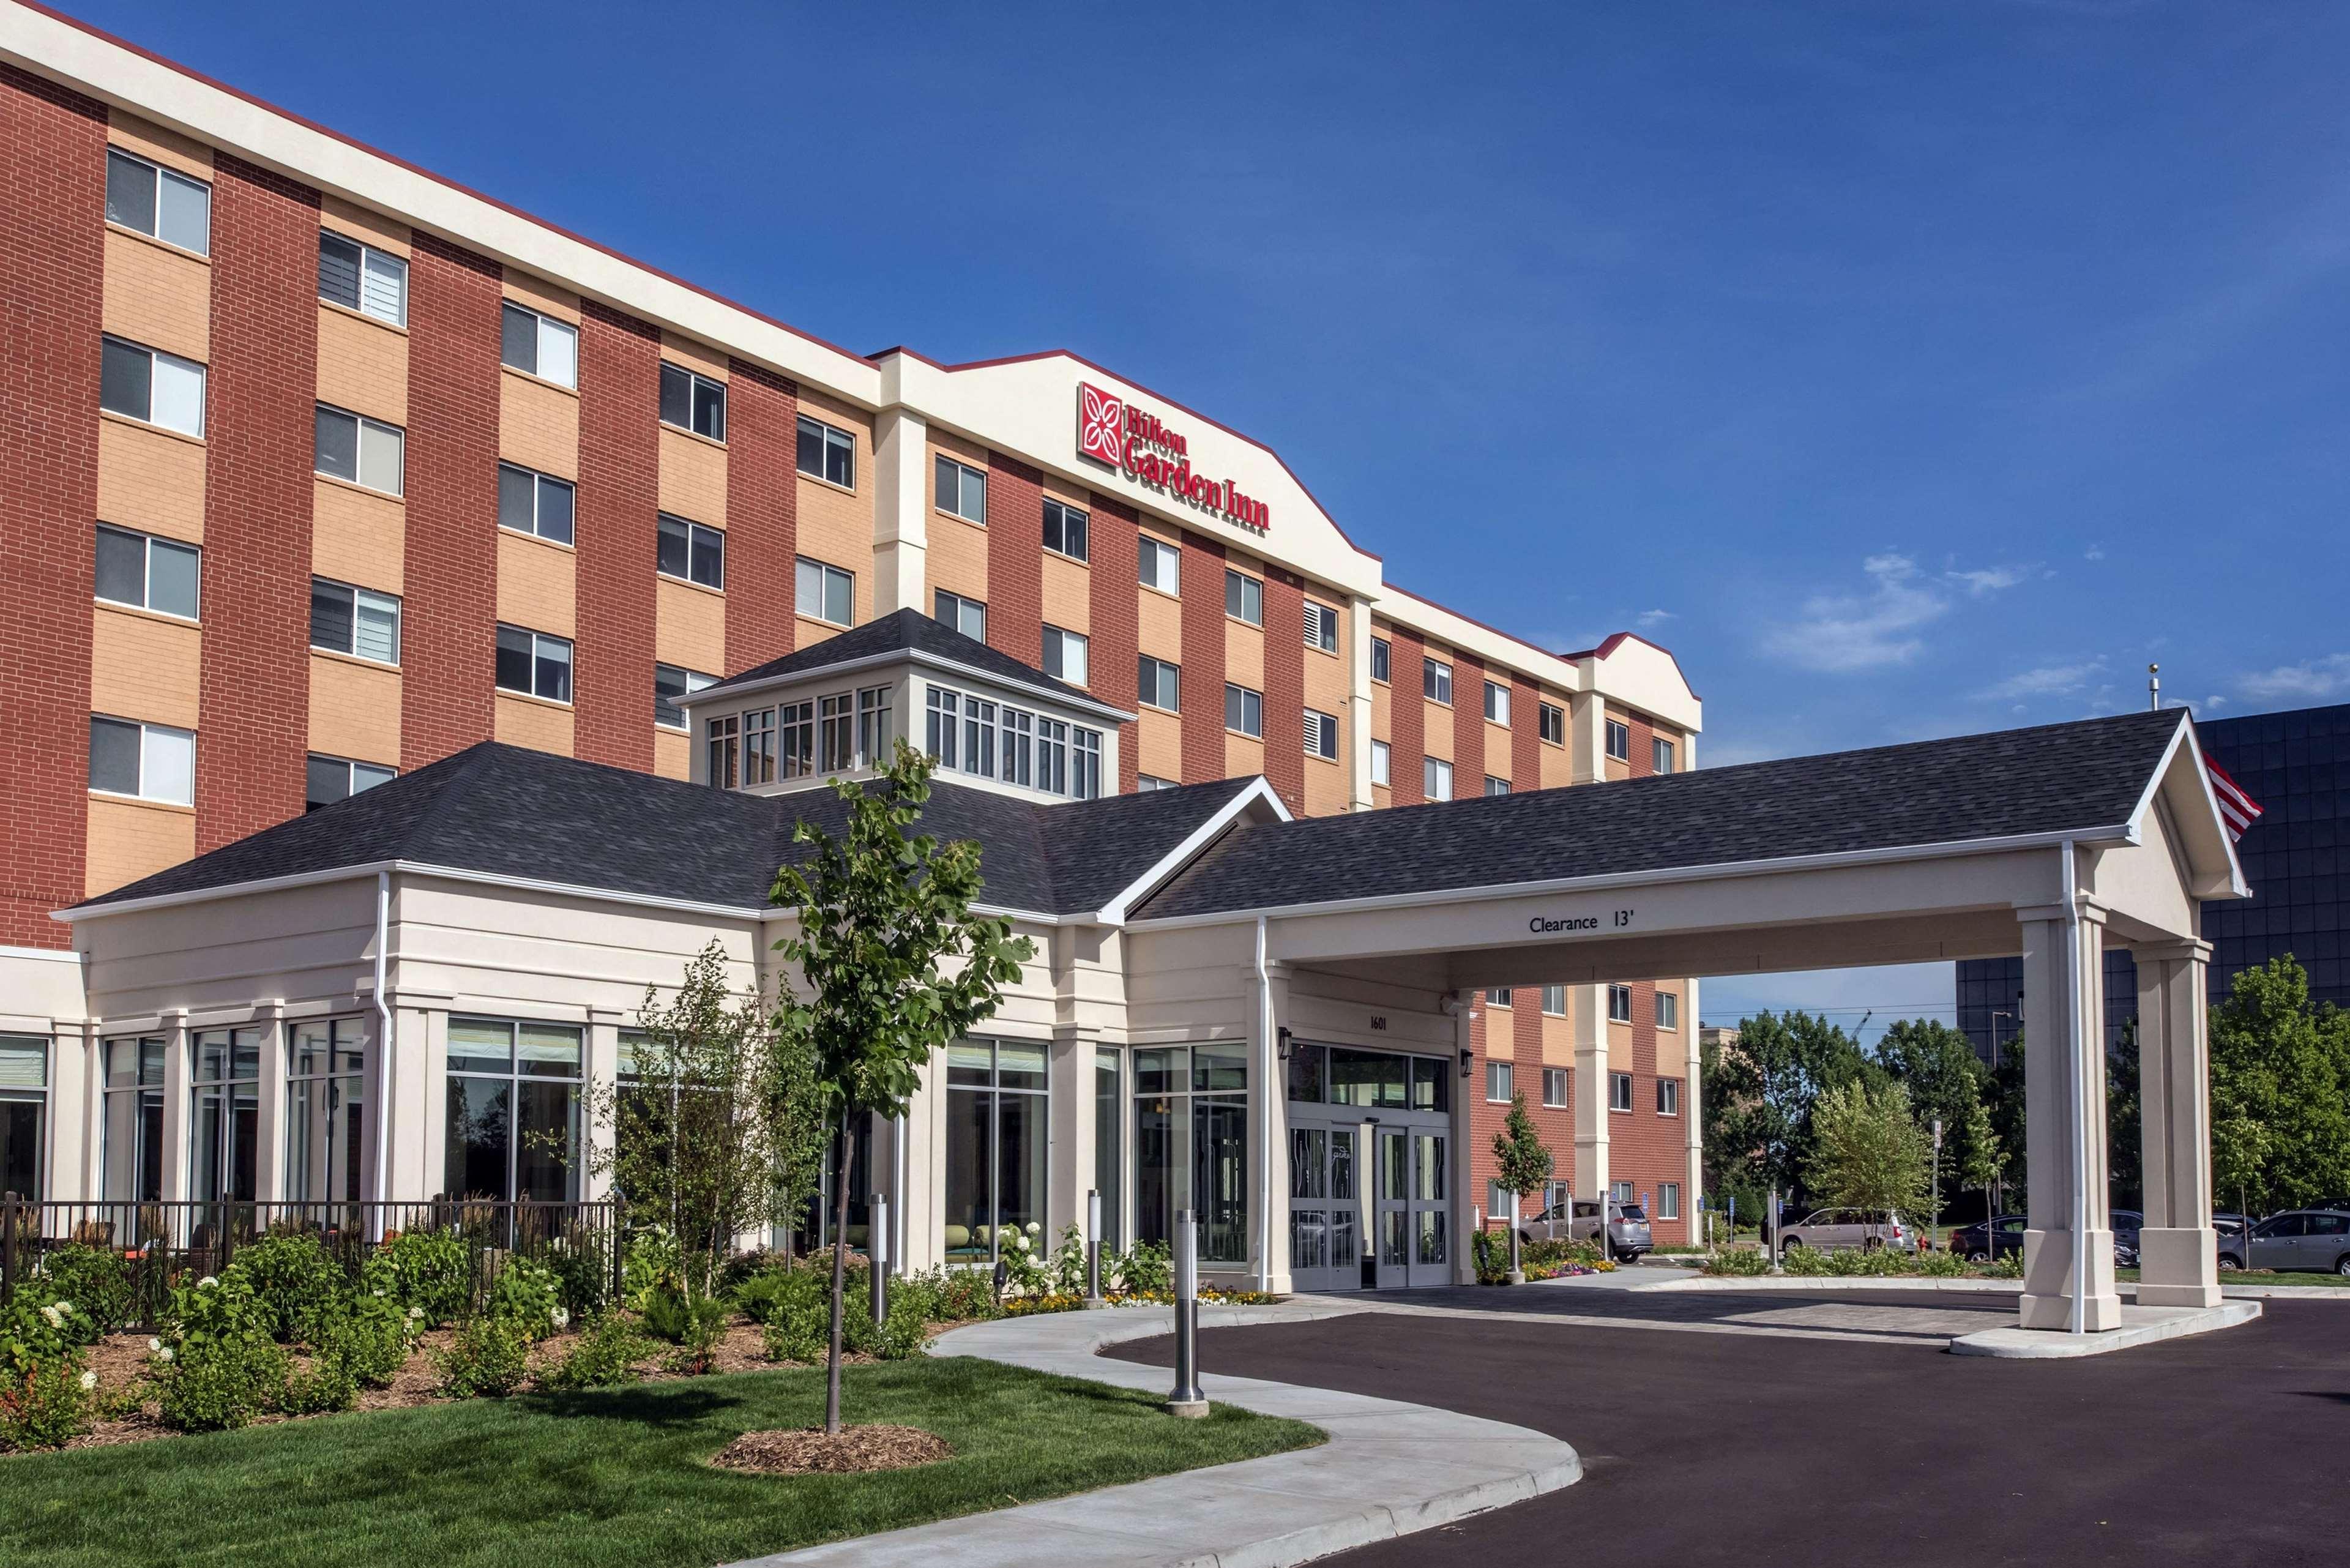 Hilton garden inn minneapolis airport mall of america bloomington minnesota mn for Hilton garden inn bloomington mn